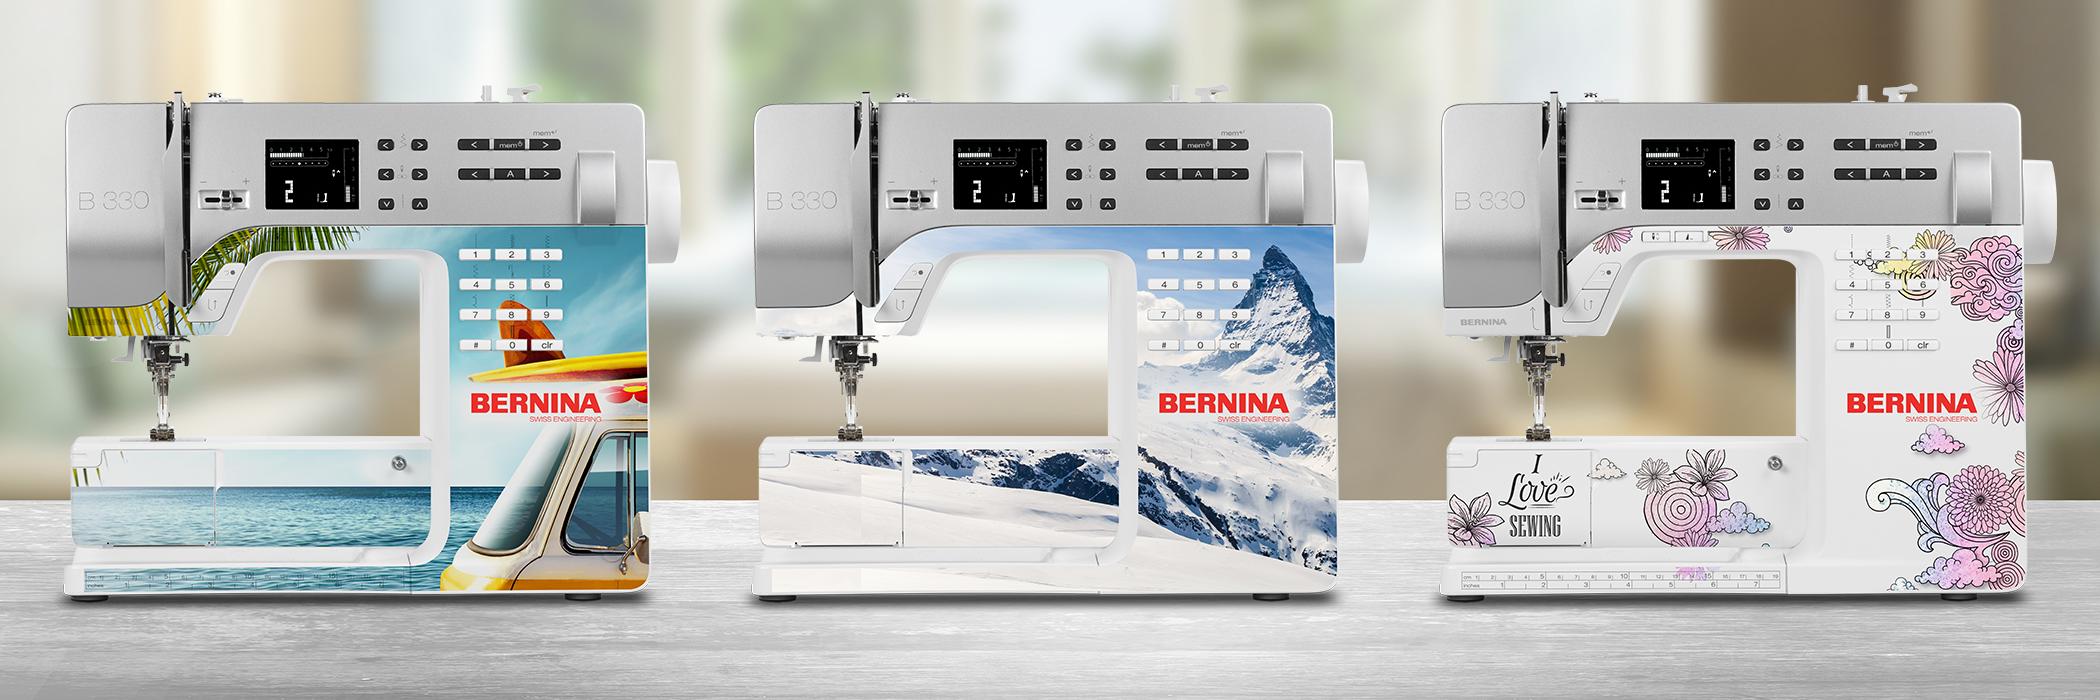 BERNINA 330 – das Einsteigermodell - BERNINA